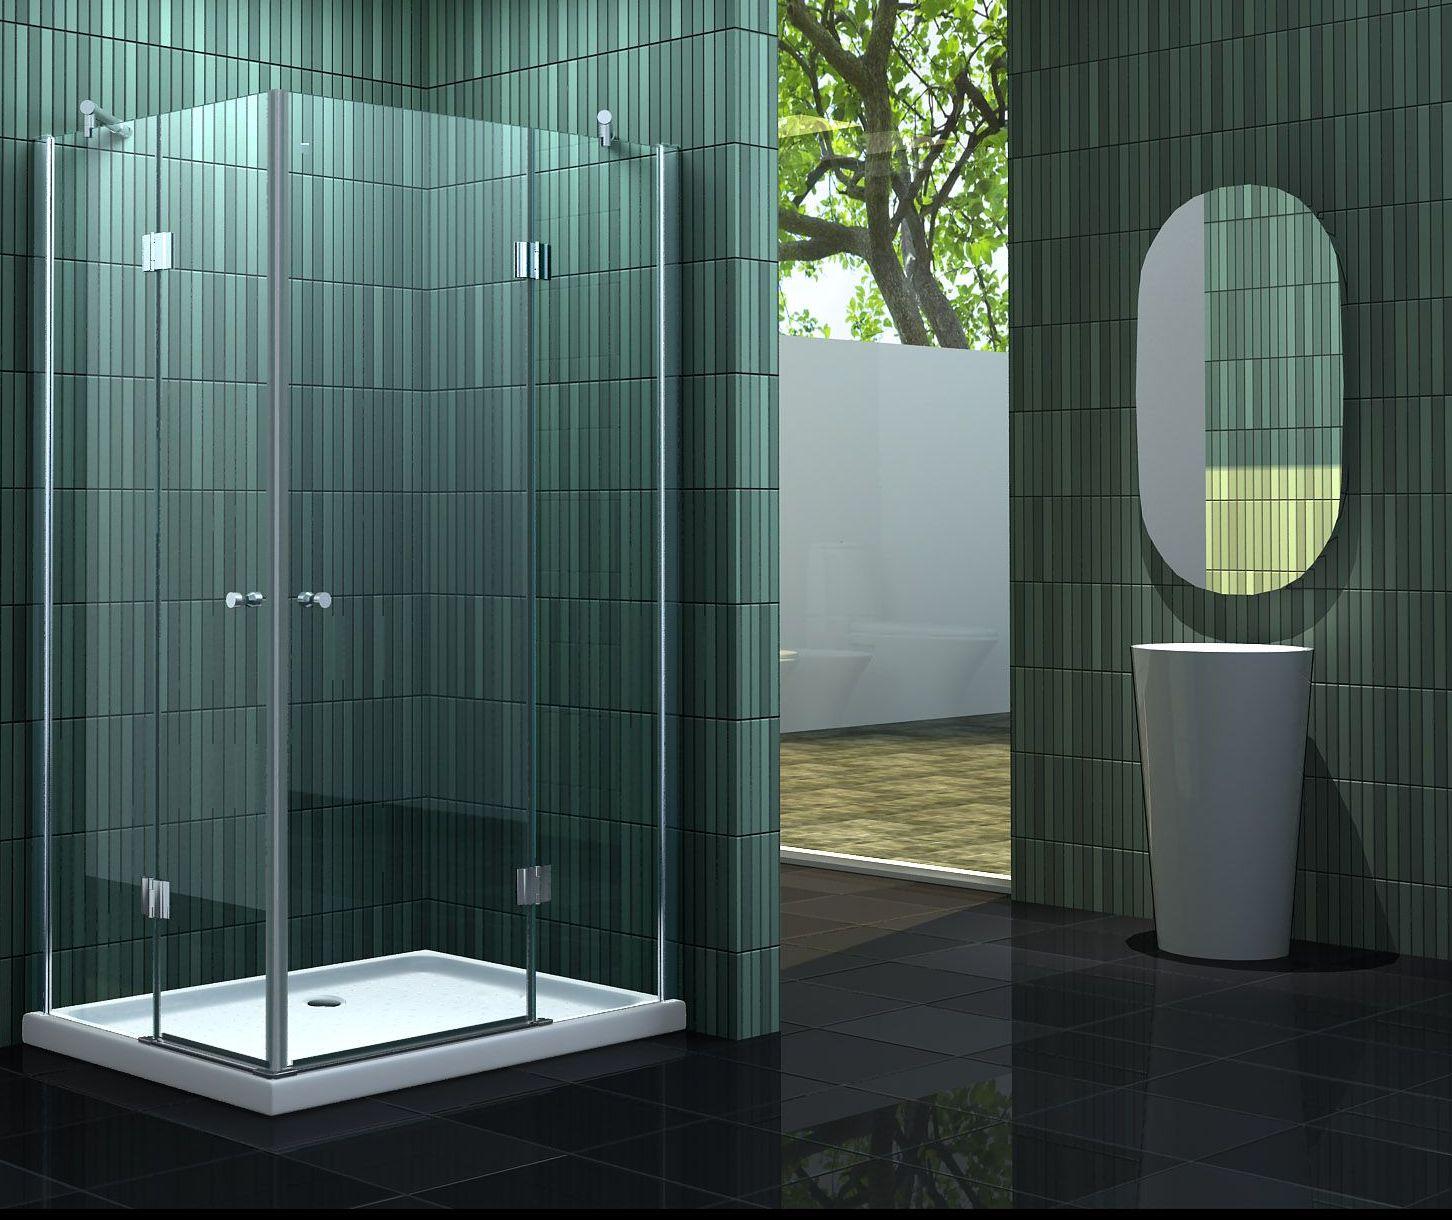 Duschkabine NEOTEC 120 x 80 x 195 cm ohne Duschtasse